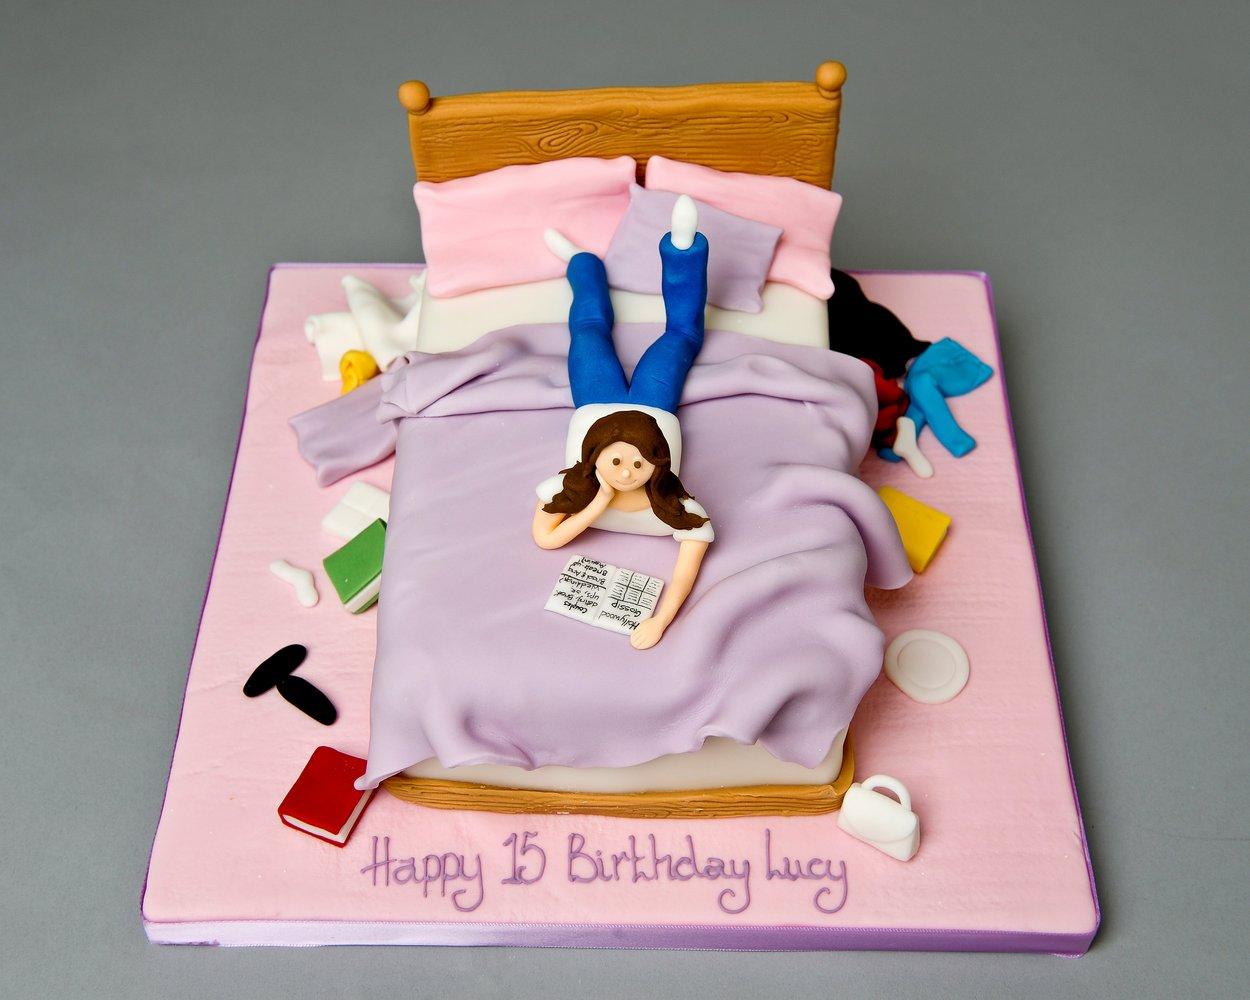 Kumpulan Gambar Kue Ulang Tahun Unik dan Menarik   Terbaru ...